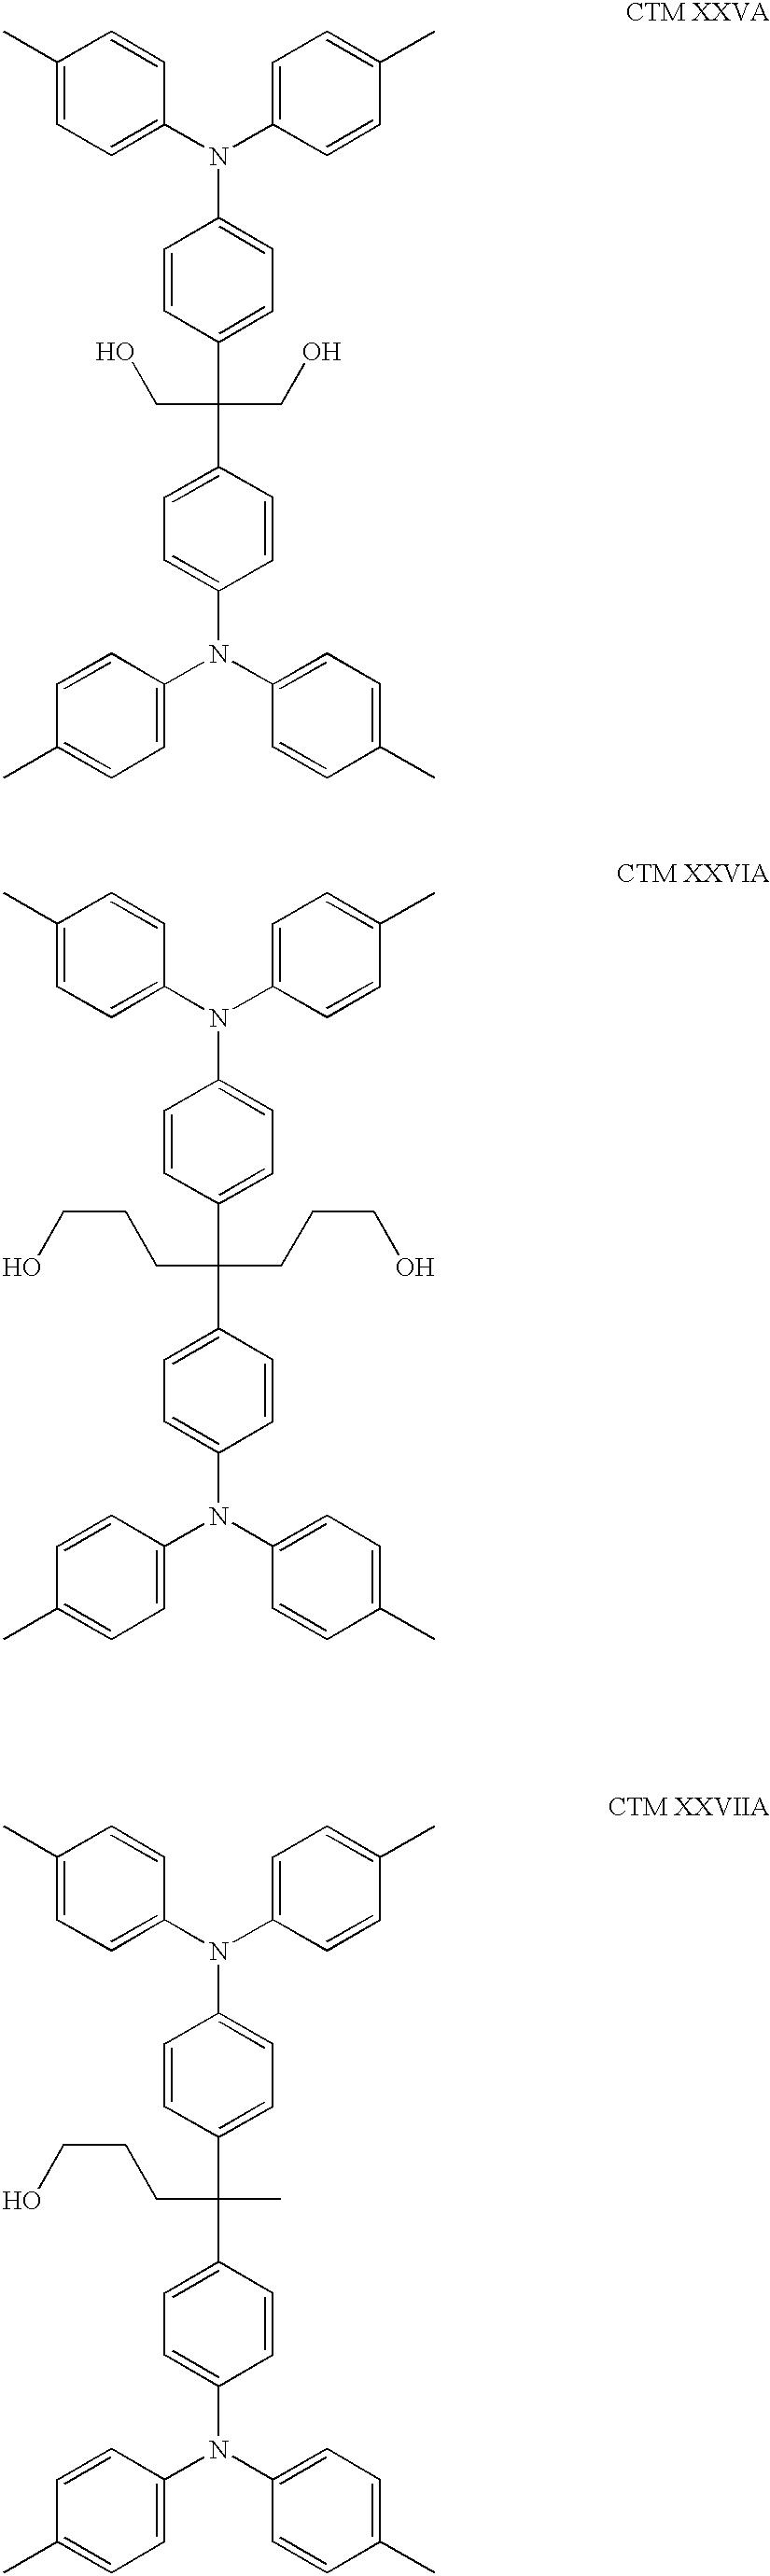 Figure US06517984-20030211-C00008